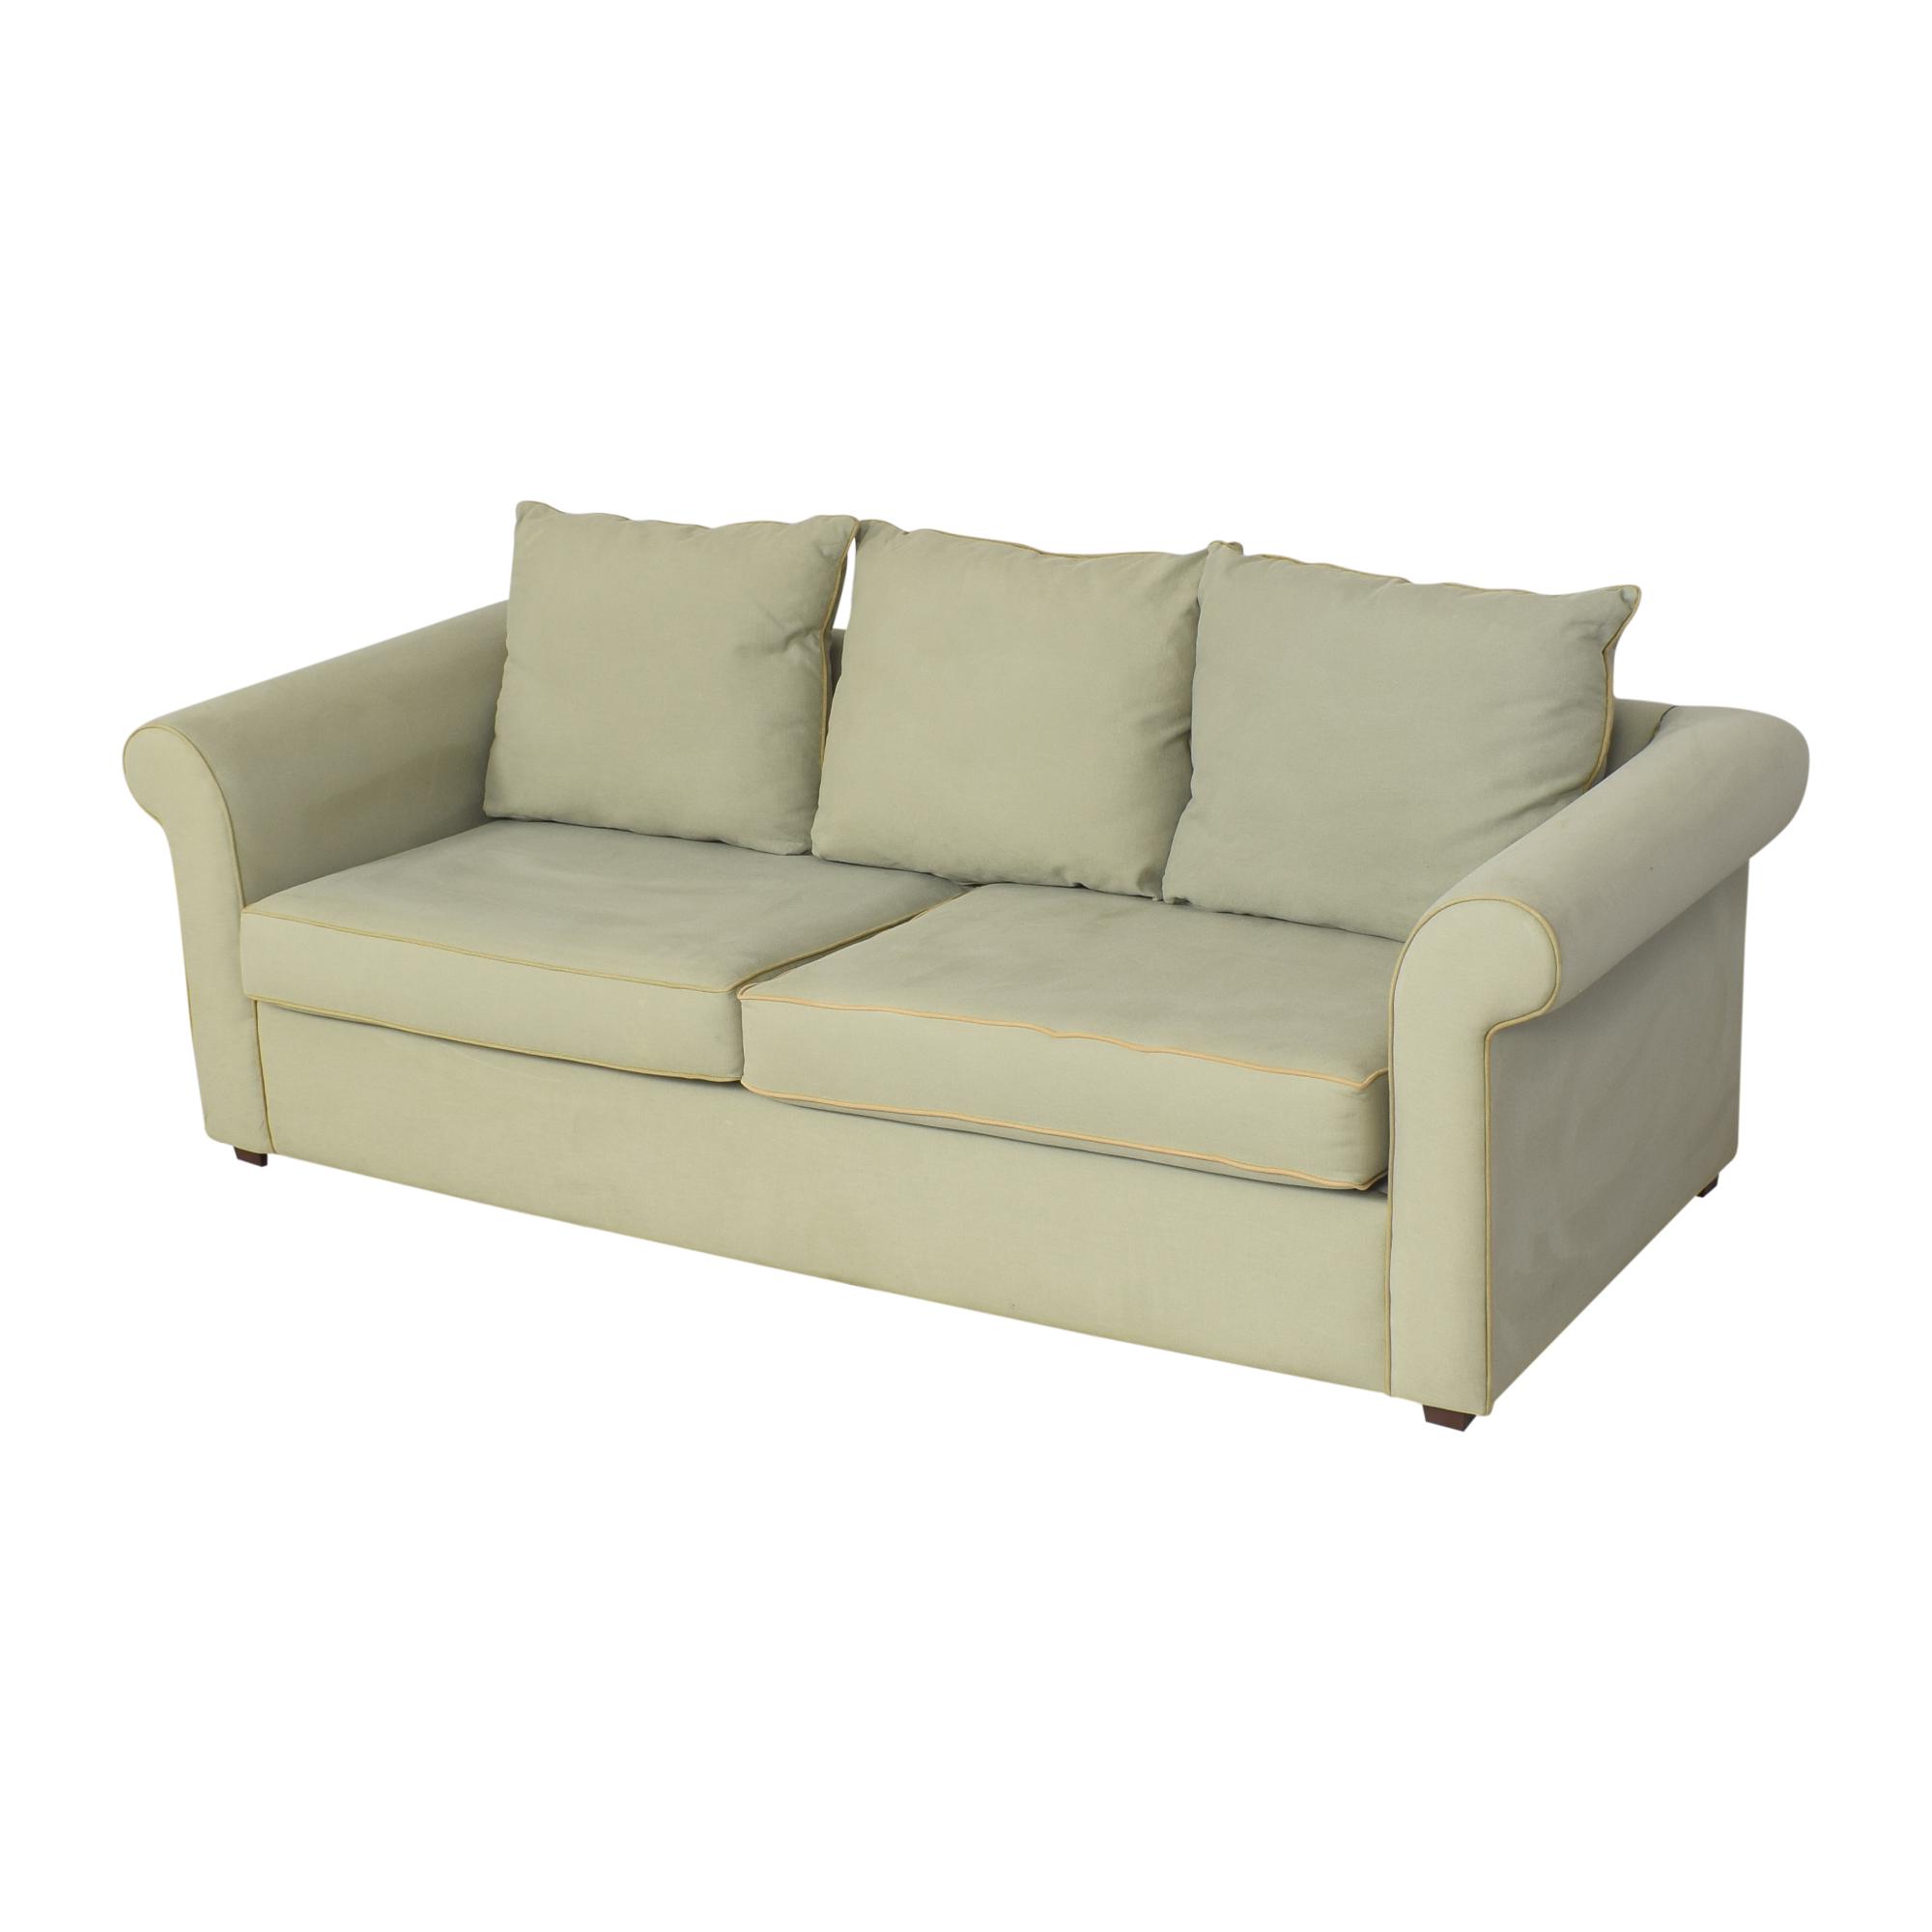 IKEA Two Cushion Sofa / Classic Sofas